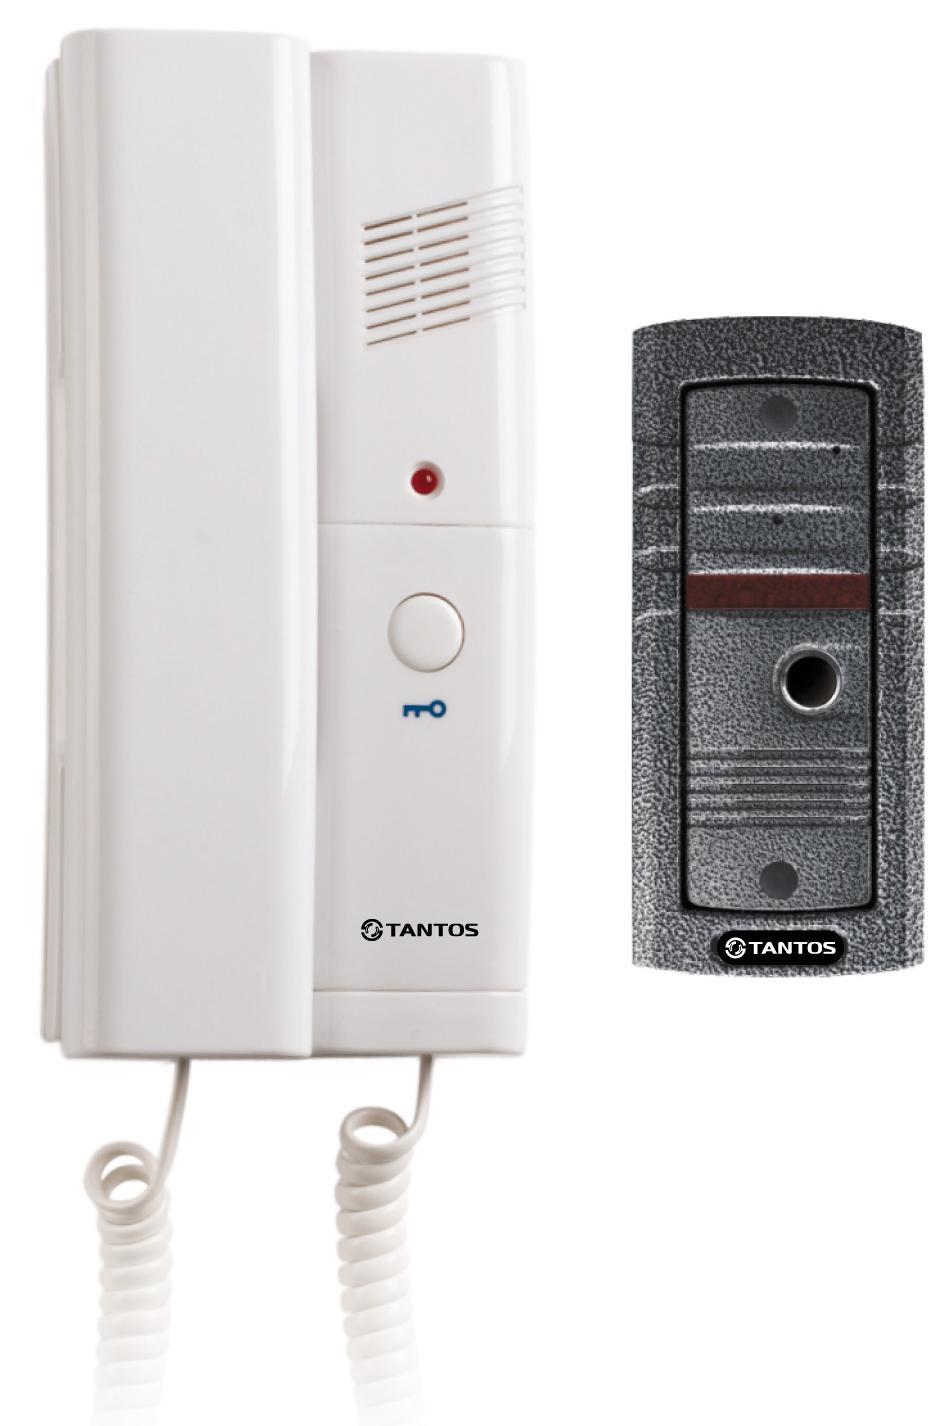 Tantos TS-203 Kit - комплект аудиодомофонаДомофоны<br>Комплект аудиодомофона<br>